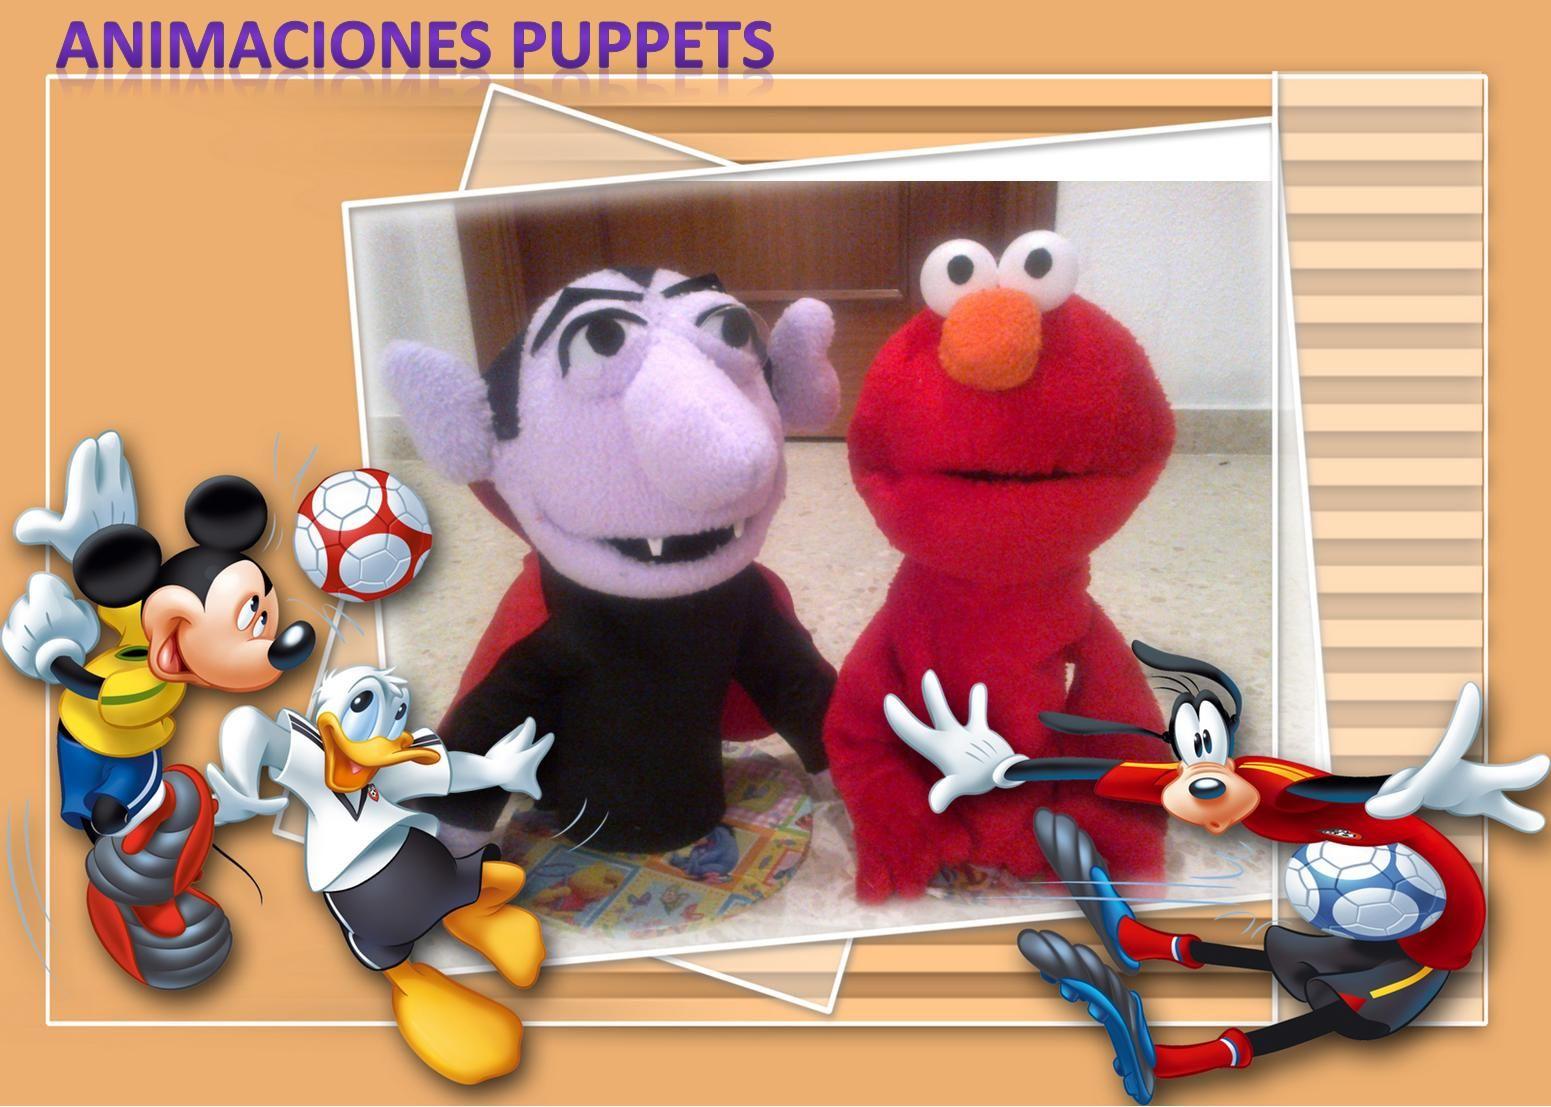 Nuestros peque puppets